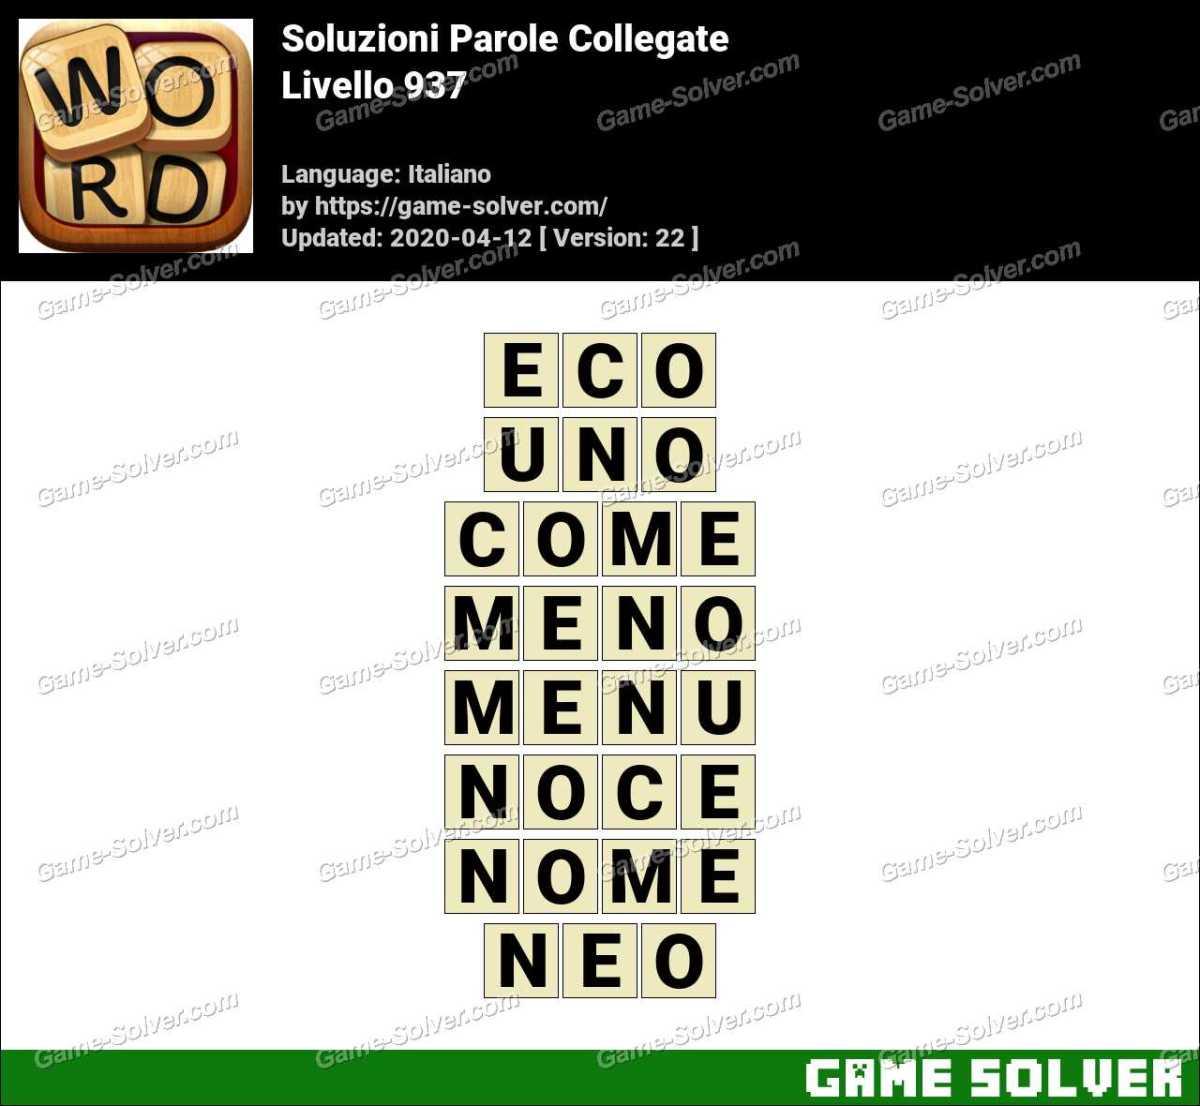 Soluzioni Parole Collegate Livello 937